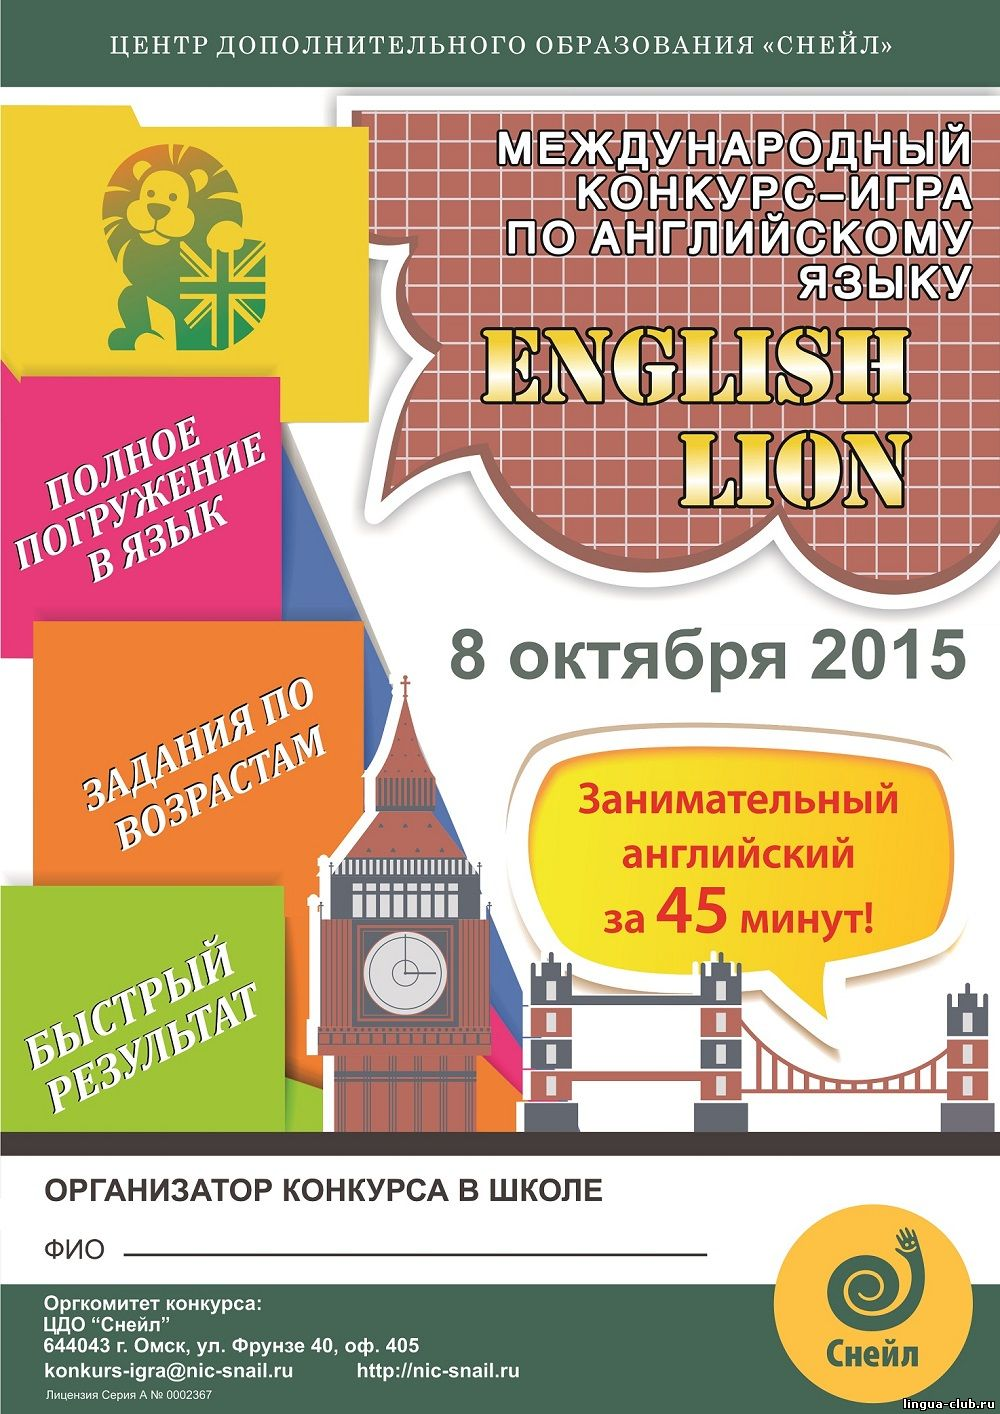 Как по английски участвовать в конкурсе